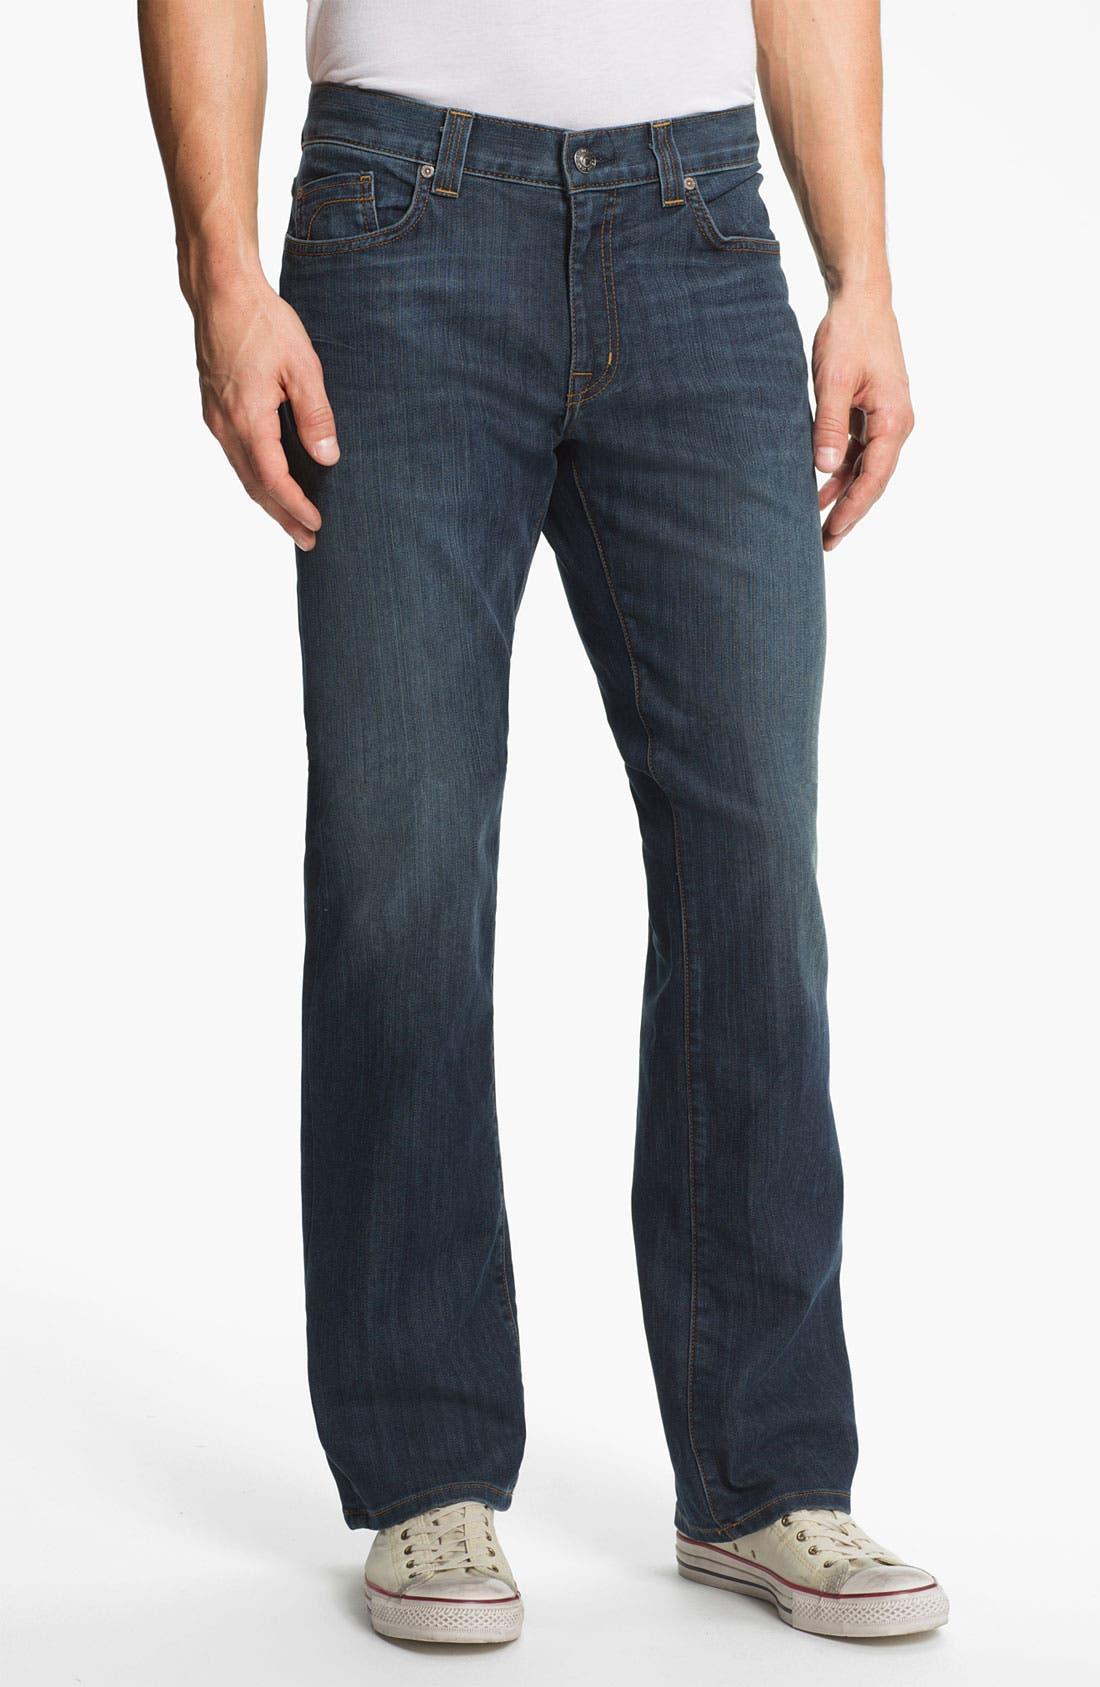 Alternate Image 1 Selected - Fidelity Denim '5011' Straight Leg Jeans (Trigger Medium)